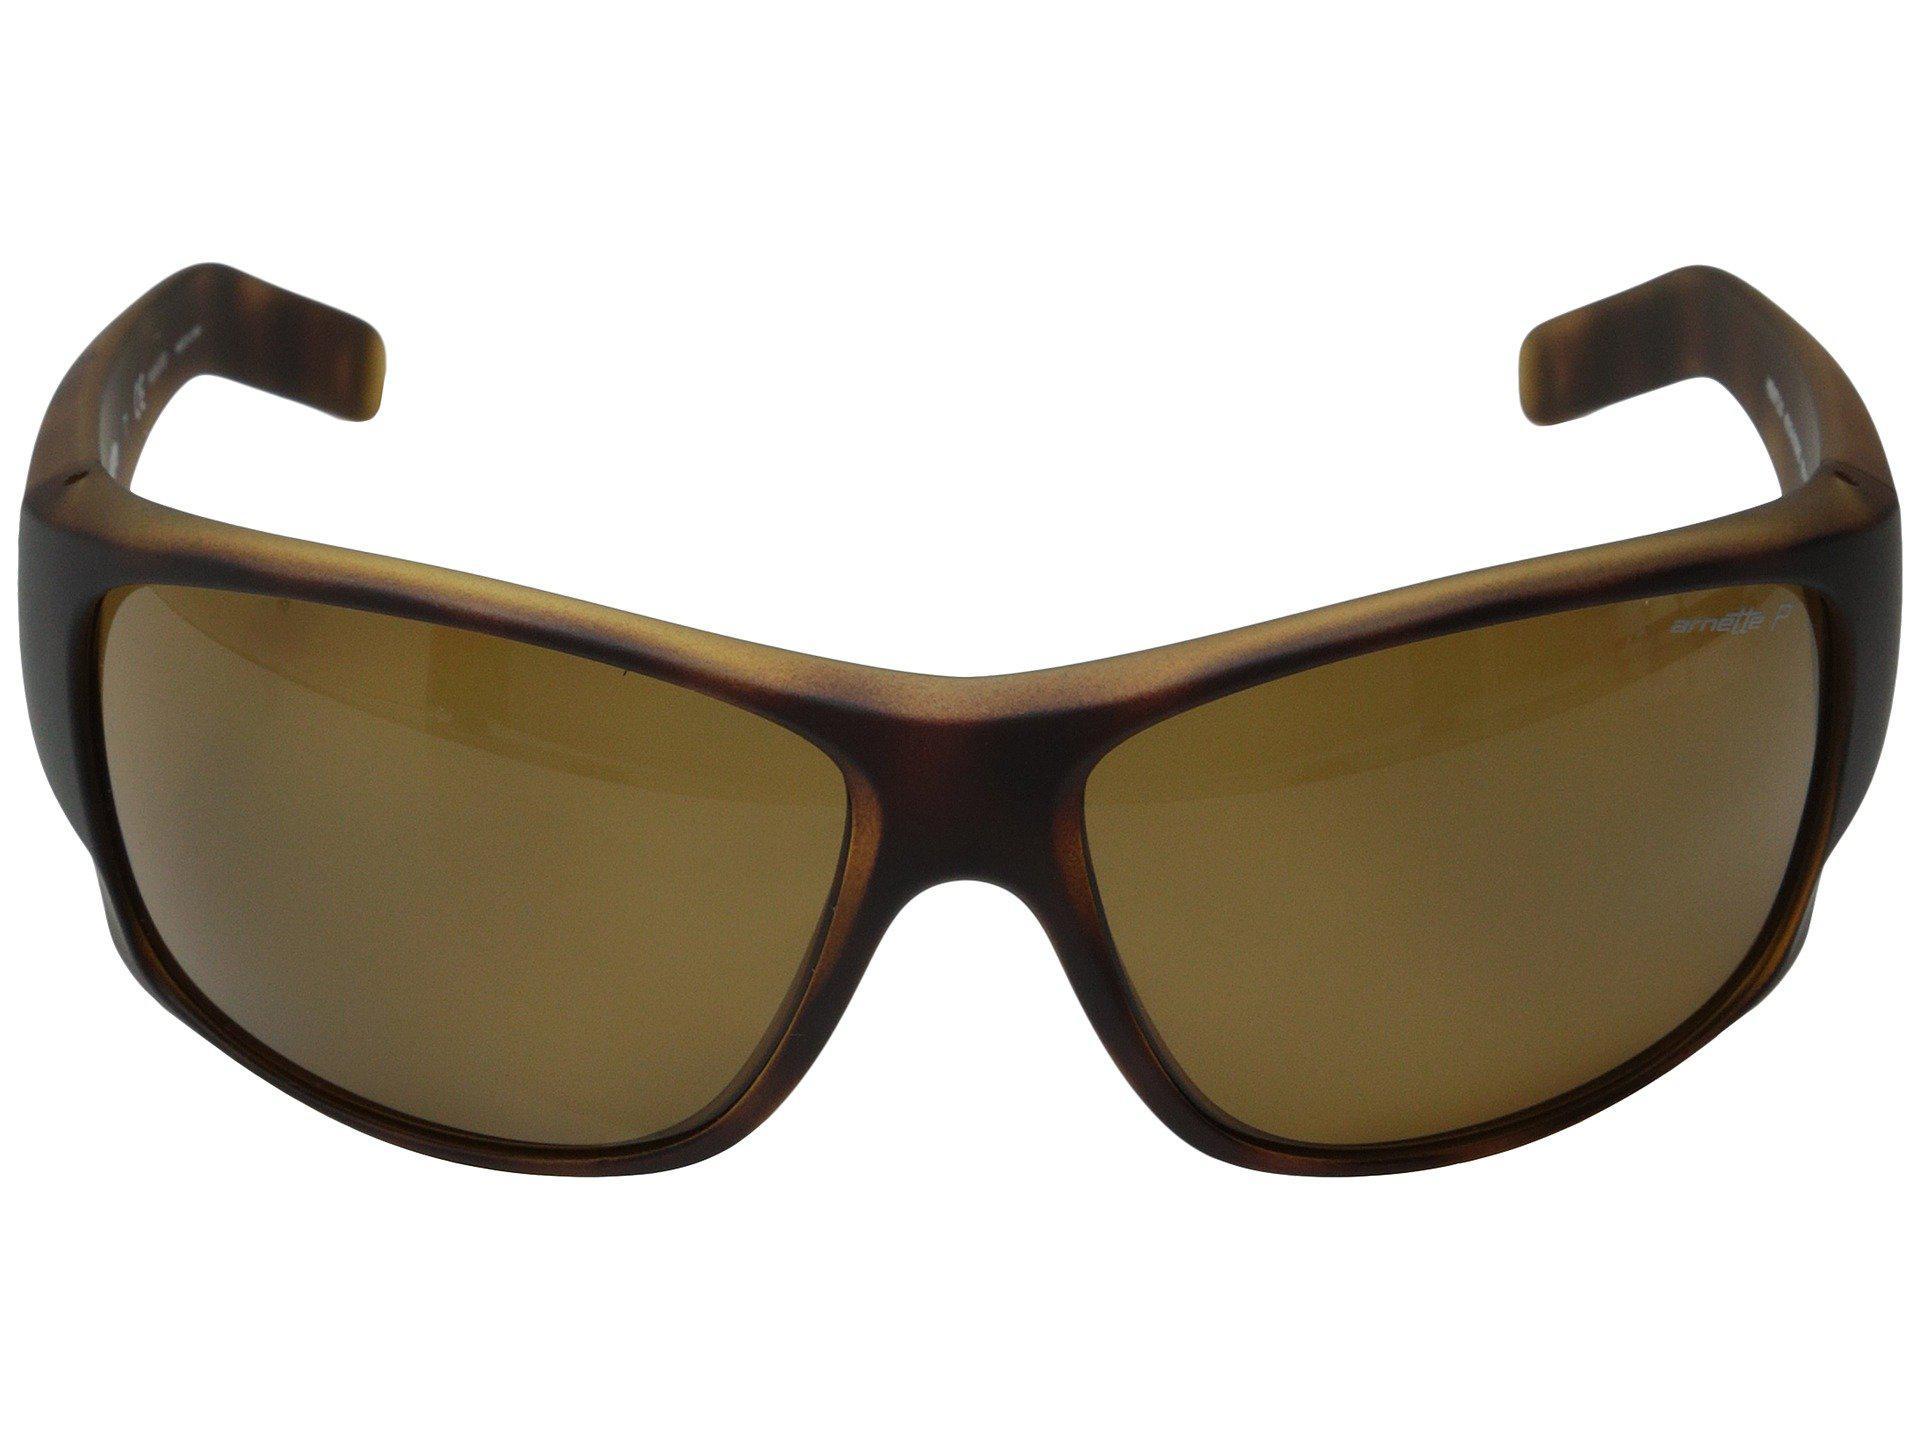 d5ab8874a35 Arnette - Heist 2.0 (fuzzy Havana brown Polarized) Sport Sunglasses for Men  -. View fullscreen